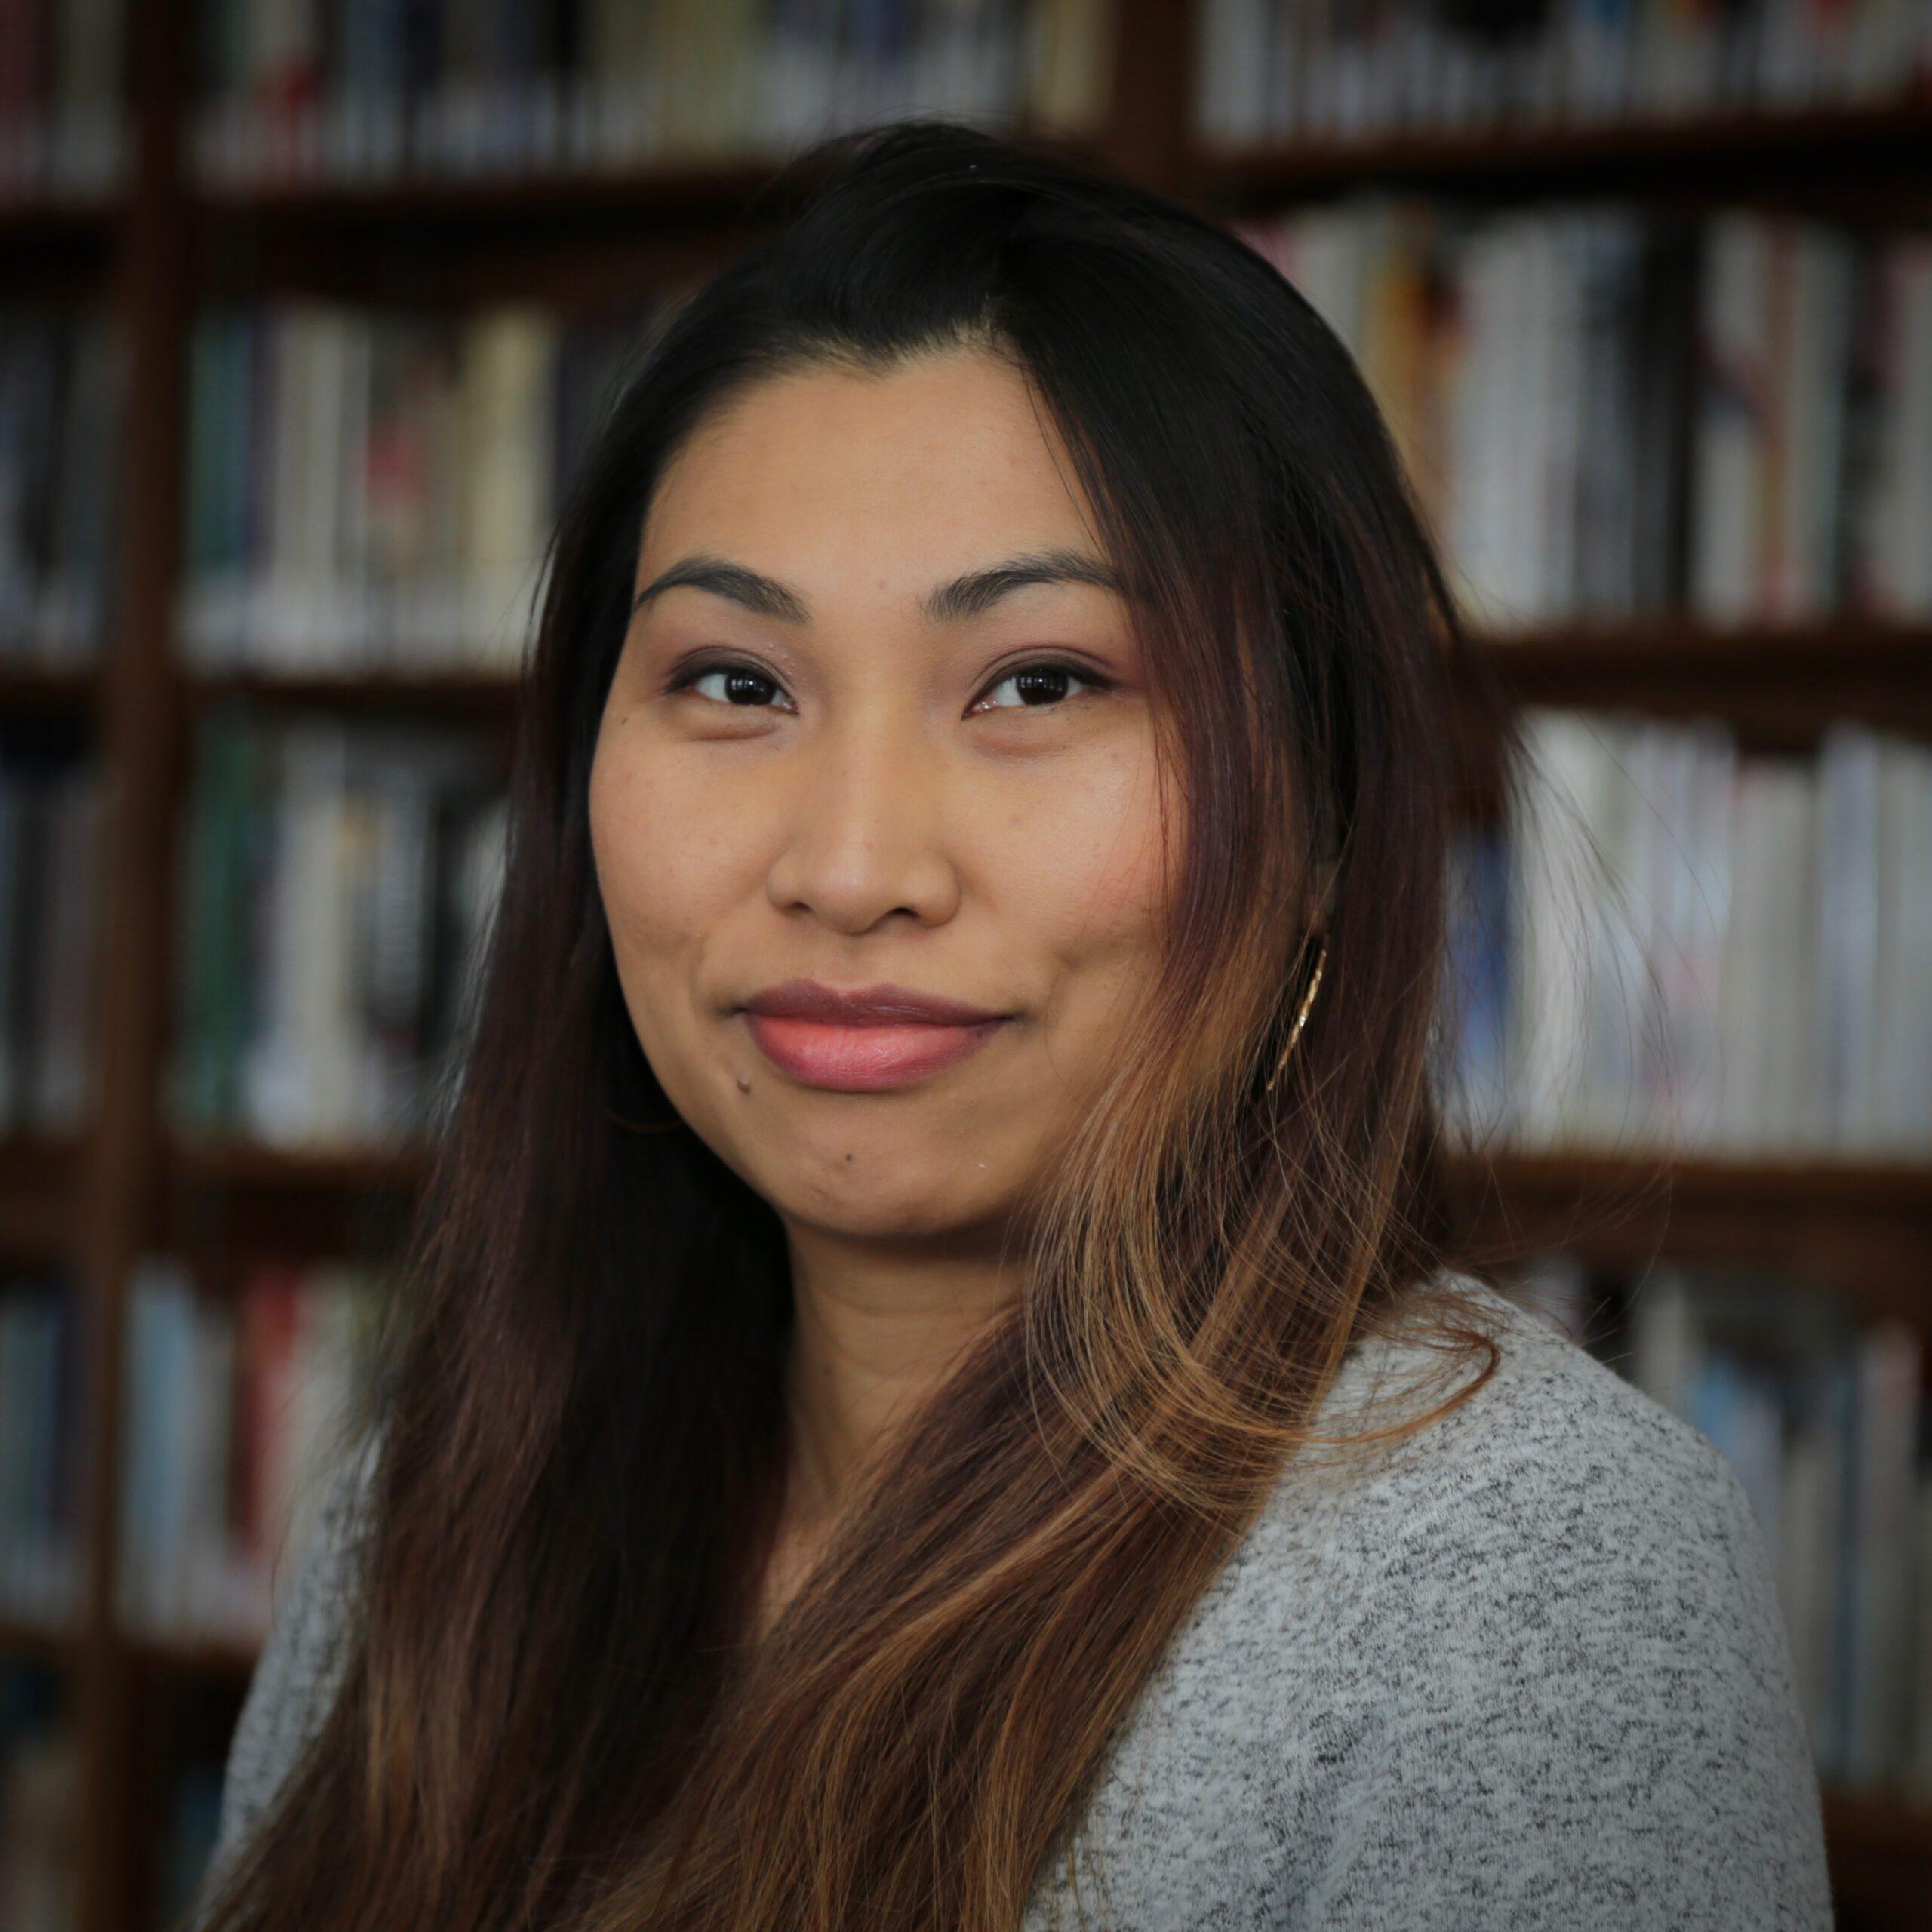 Headshot of Saymoukda Duangphouxay Vongsay